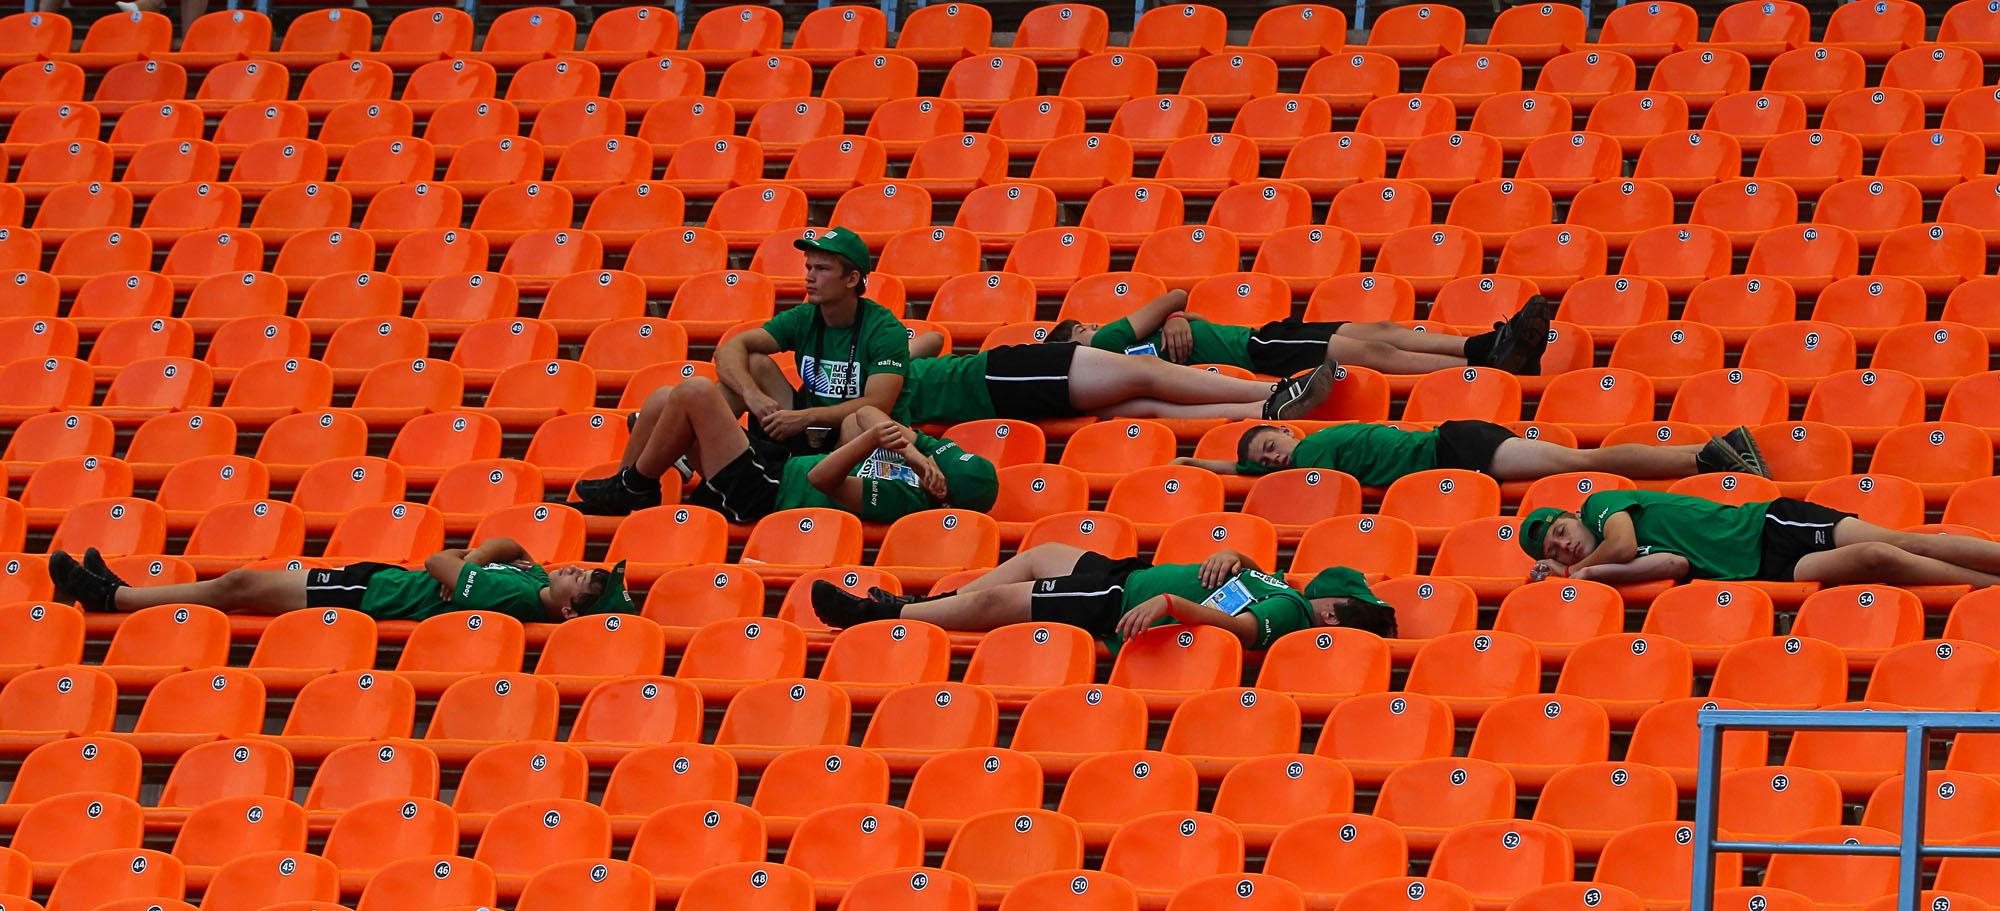 «Спортивный сончас», © Дмитрий Челяпин, Россия, Челябинск, 2-я премия, Фотоконкурс «(За)фиксируй мир!»